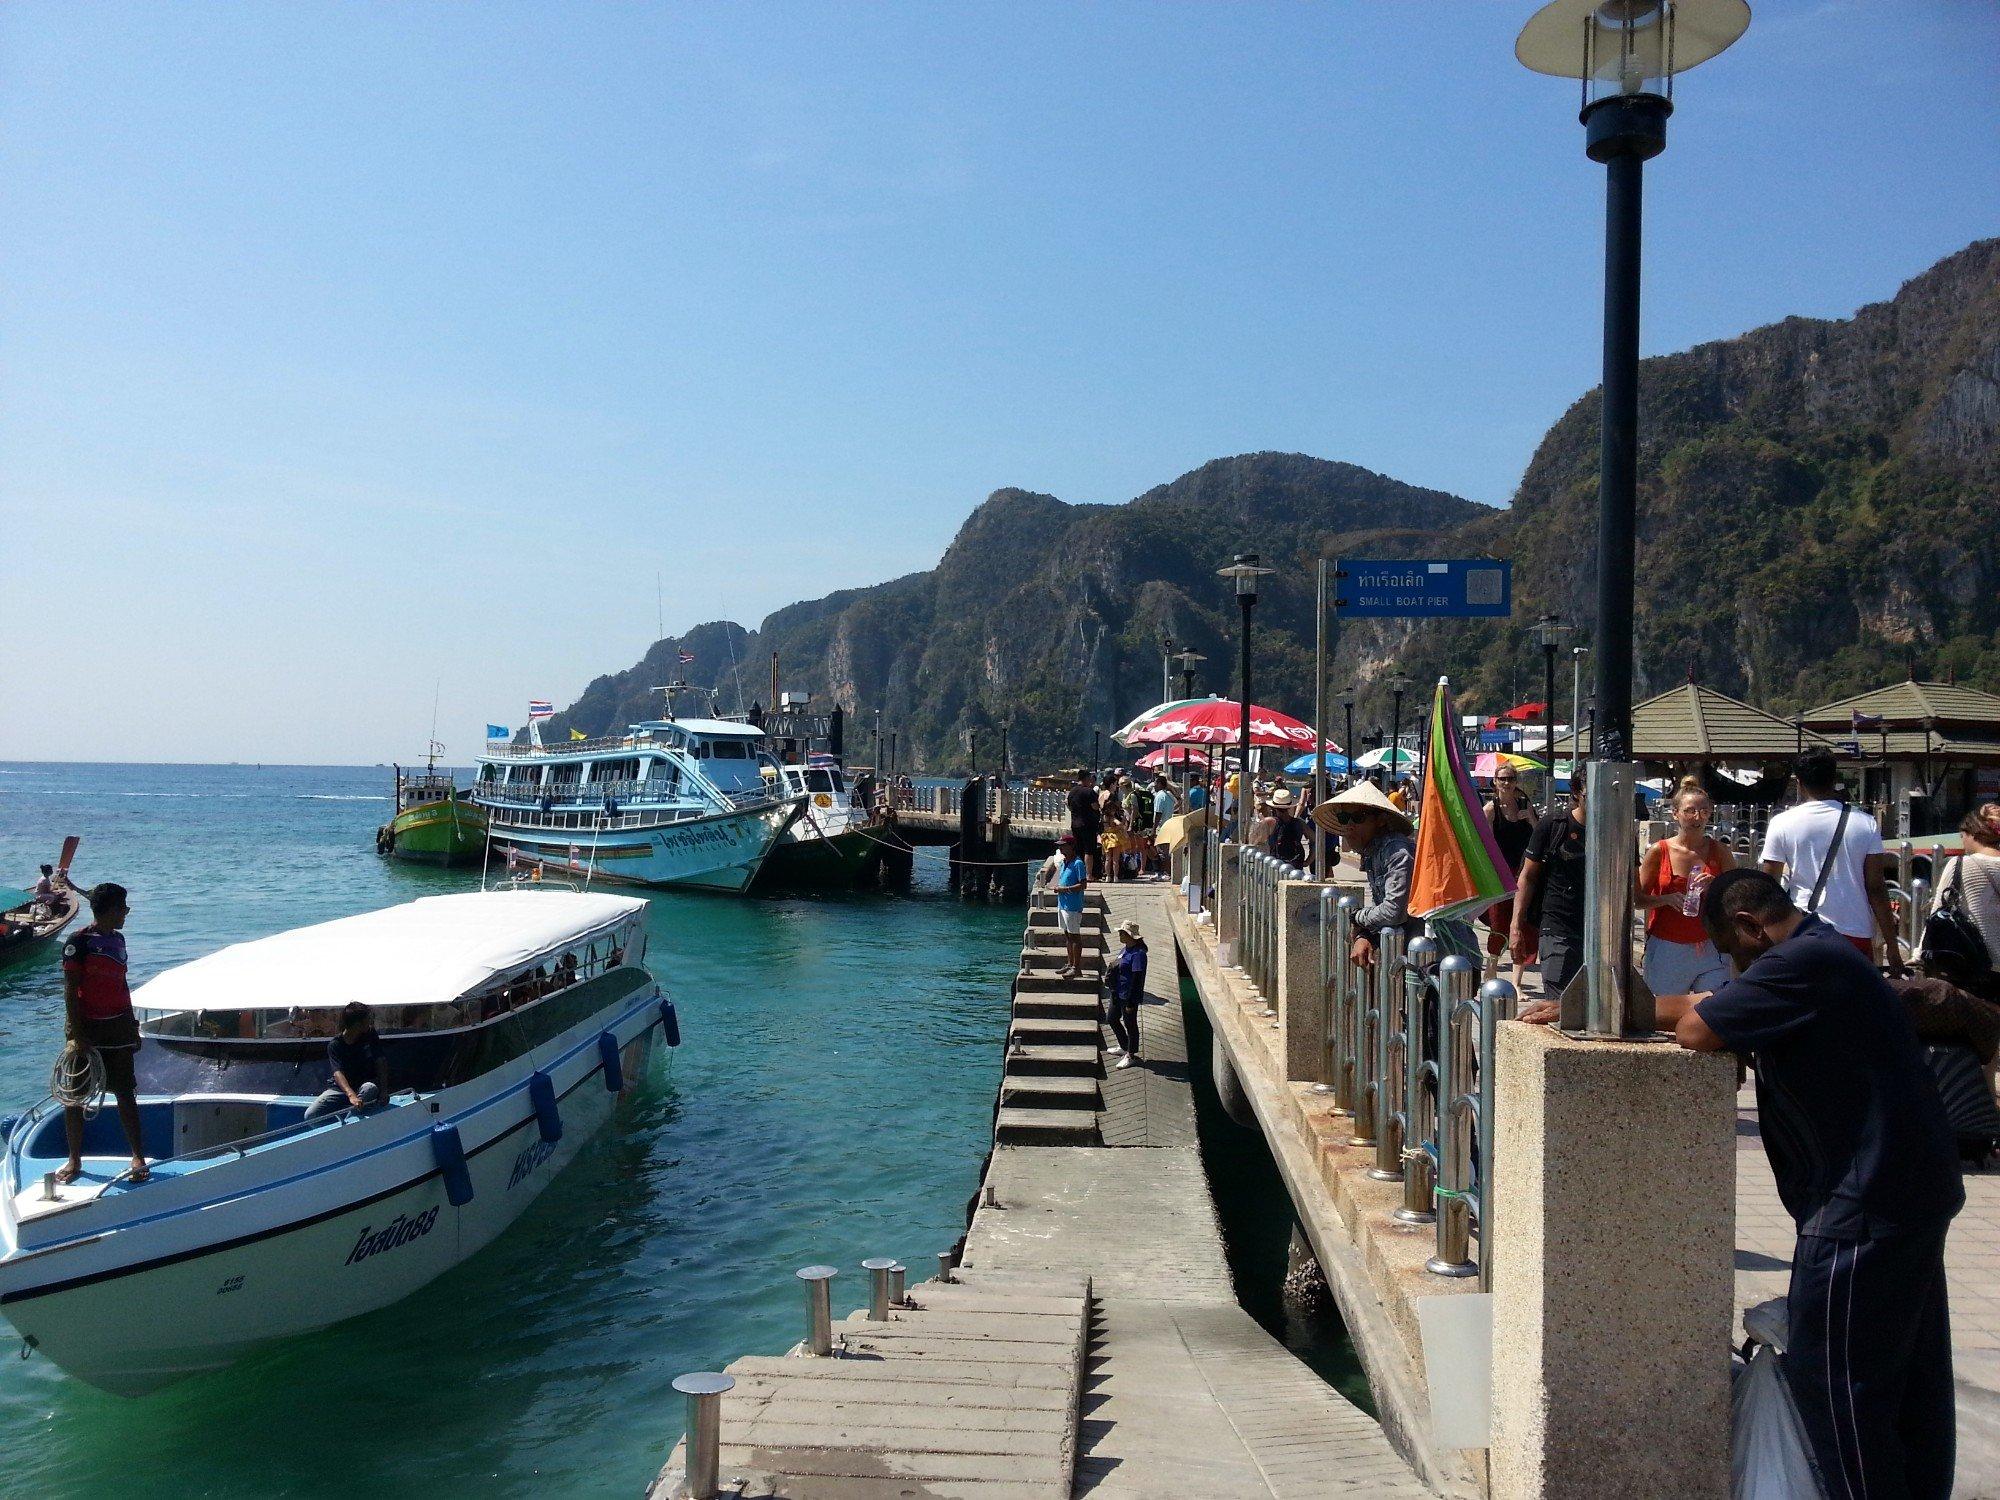 Pier in Tonsai Bay